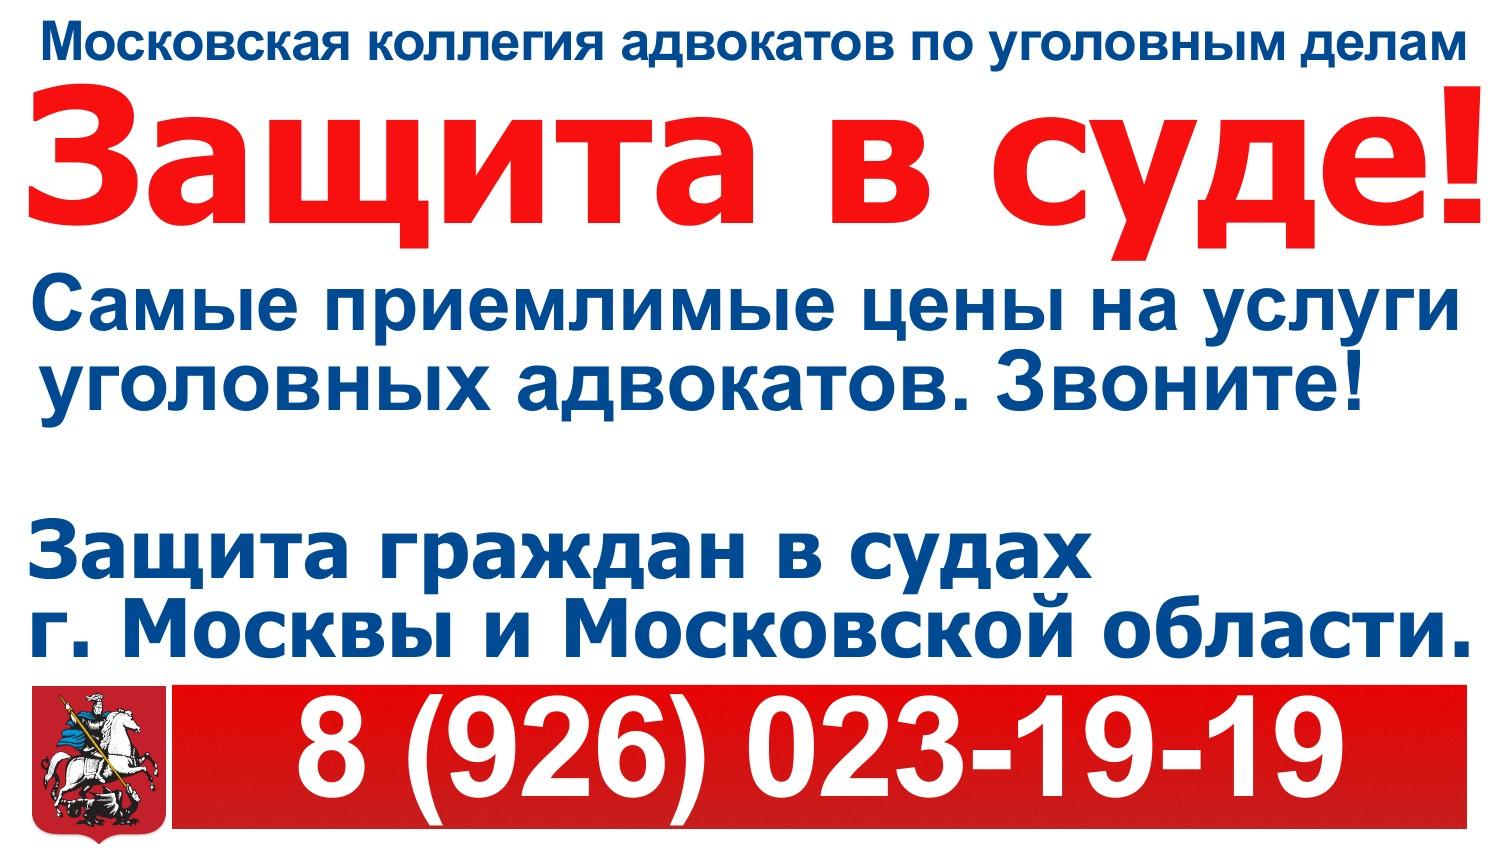 advokat_po_ugolovnym_delam_moskva (4)